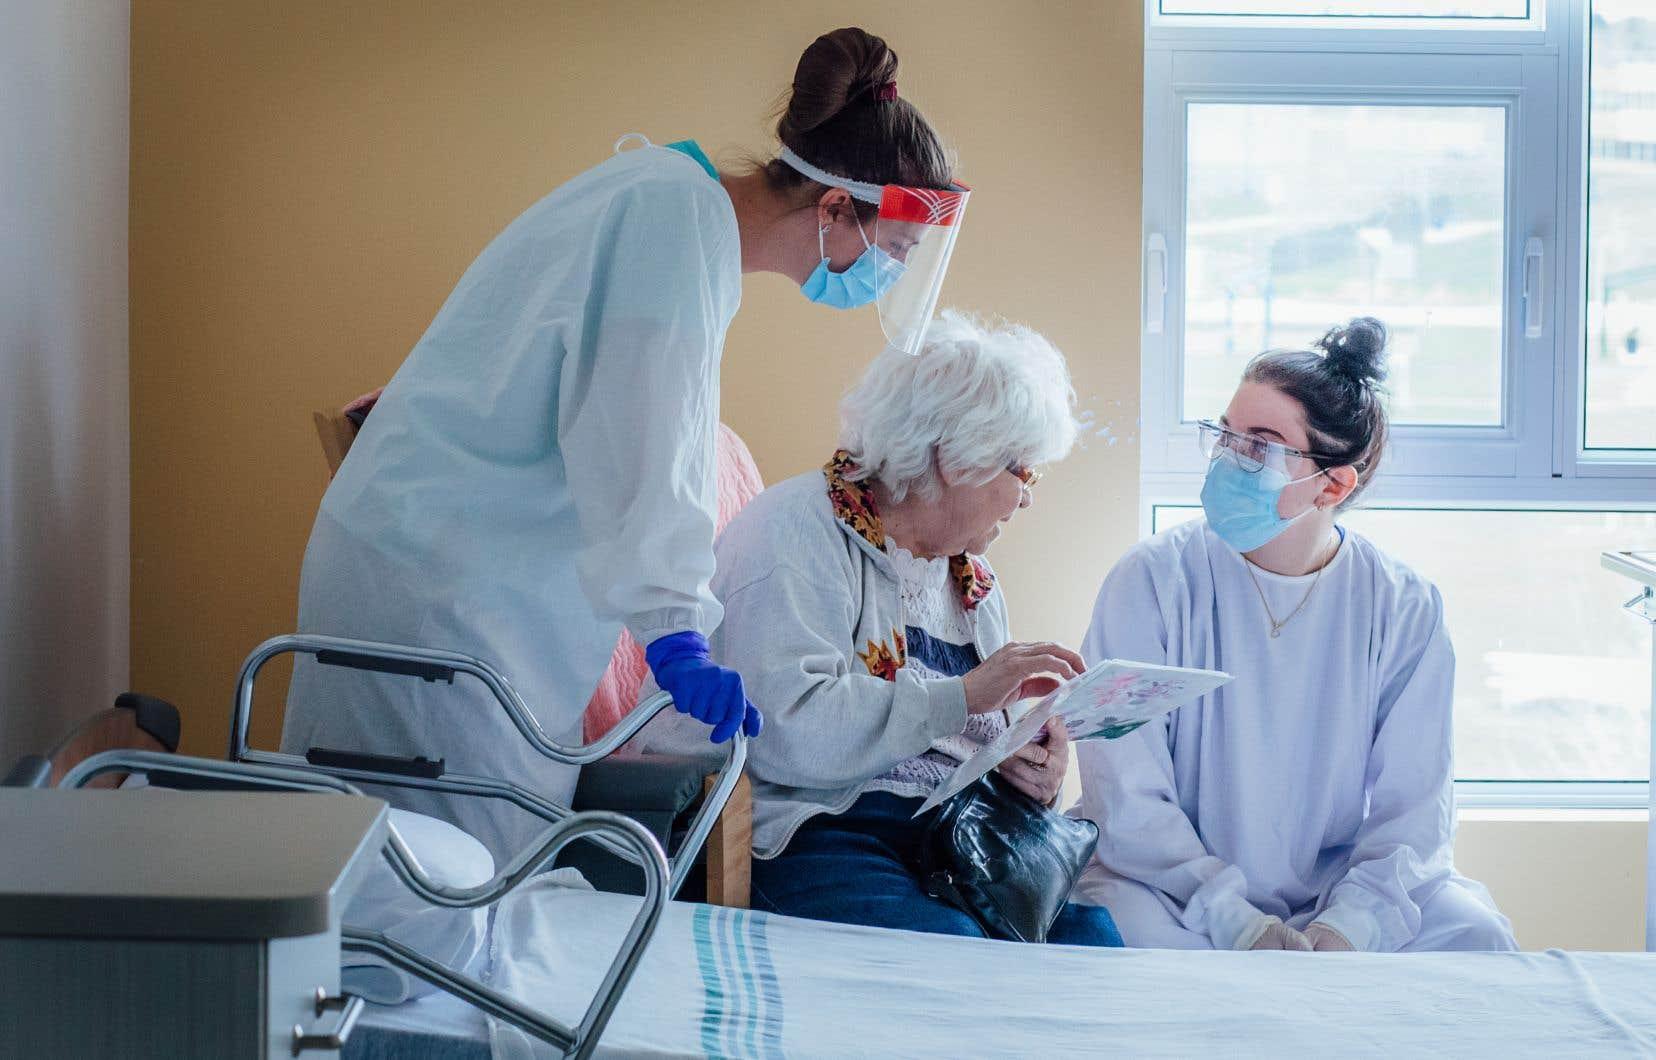 Le nombre de milieux de vie atteints par le virus continue de croître, même si les autorités observent un fléchissement de la courbe de mortalité.